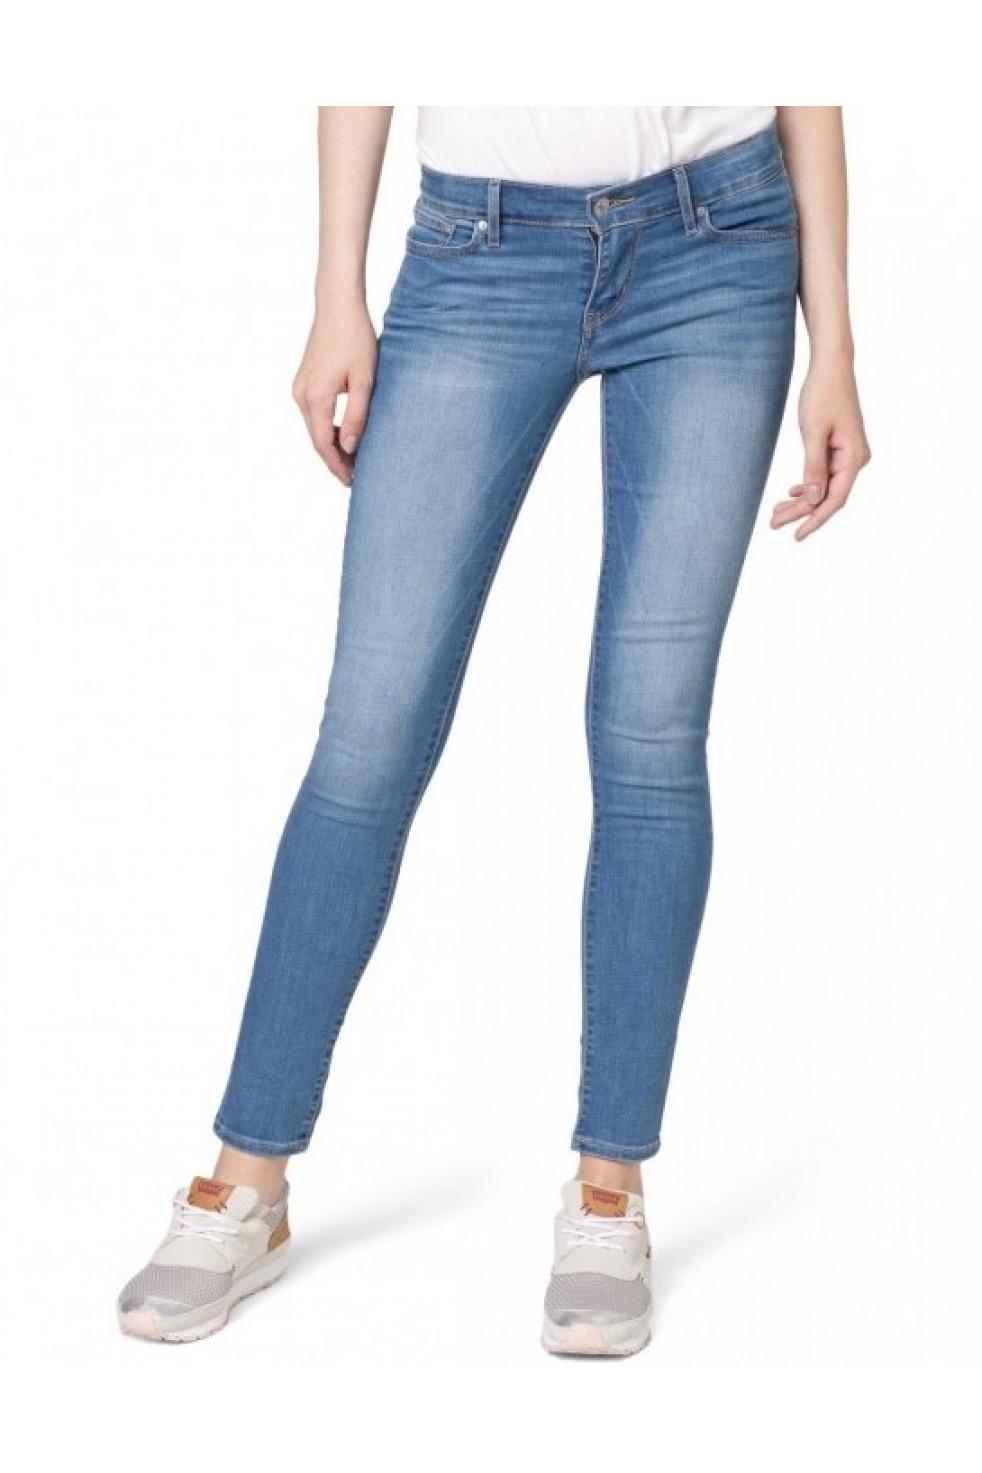 Levis-Bayan-Jean-Pantolon-711-Skinny-18881-0006